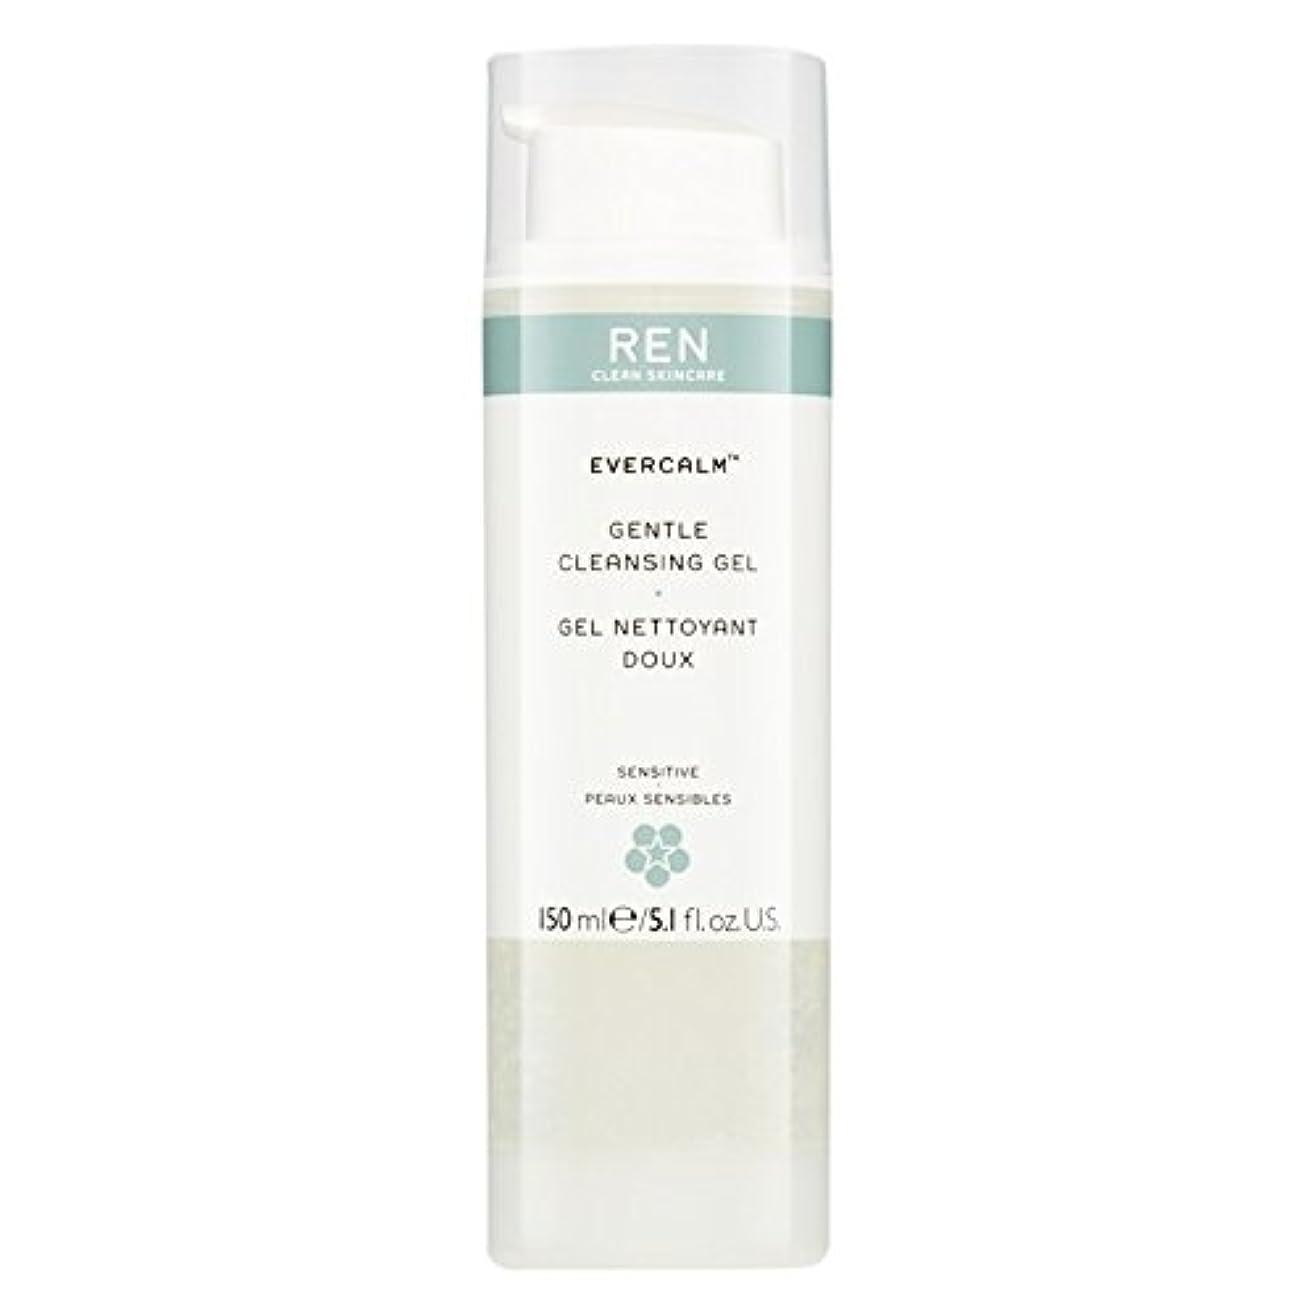 依存ペデスタルかび臭いRen Evercalm優しいクレンジングジェル、150ミリリットル (REN) (x2) - REN Evercalm Gentle Cleansing Gel, 150ml (Pack of 2) [並行輸入品]